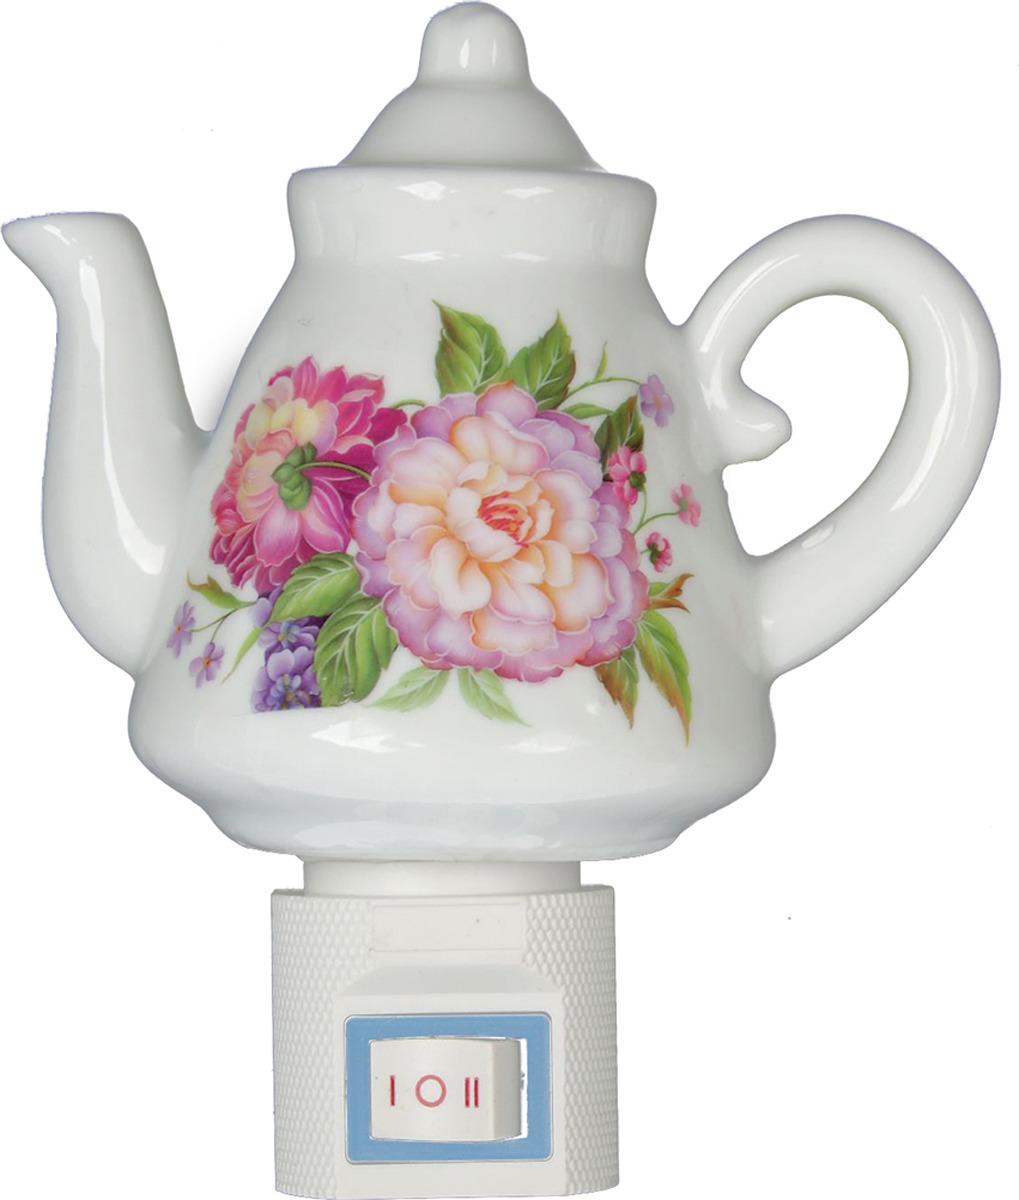 Ночник Risalux Чайничек Цветущий сад, 15W, 1935357, белый, 10 х 5,5 х 12,5 см цена